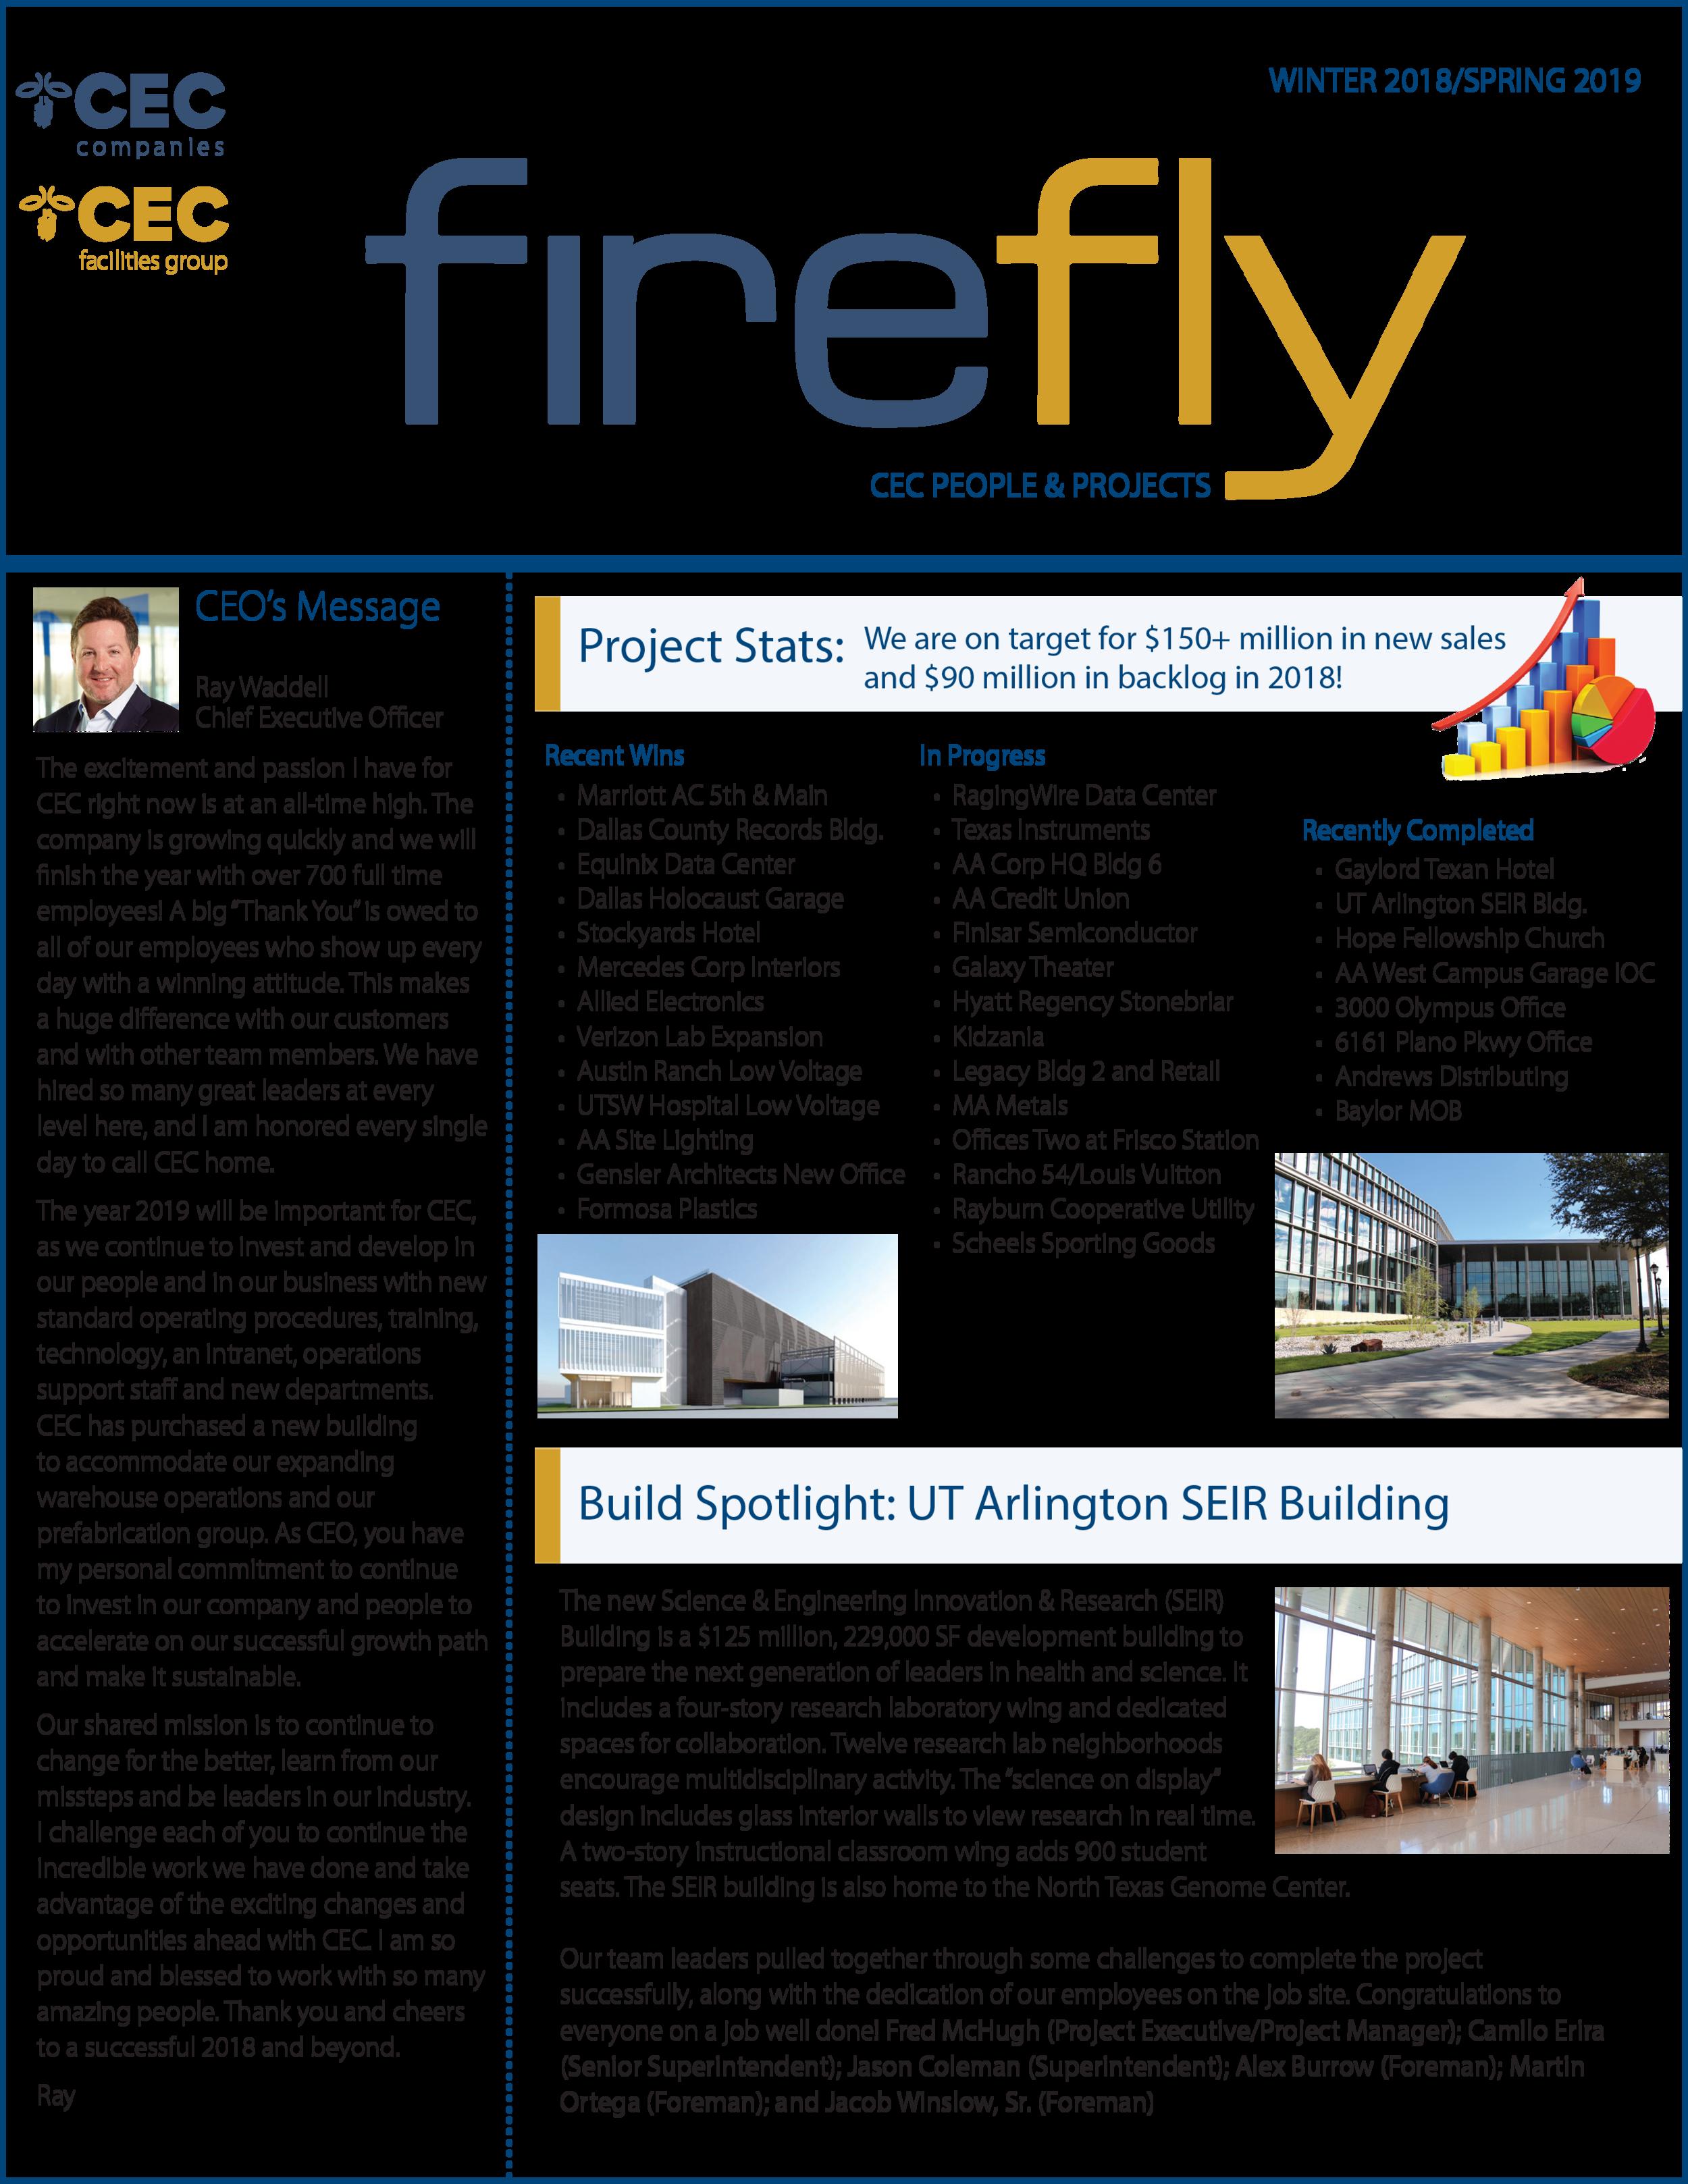 Firefly Newsletter Winter 2018/Spring 2019